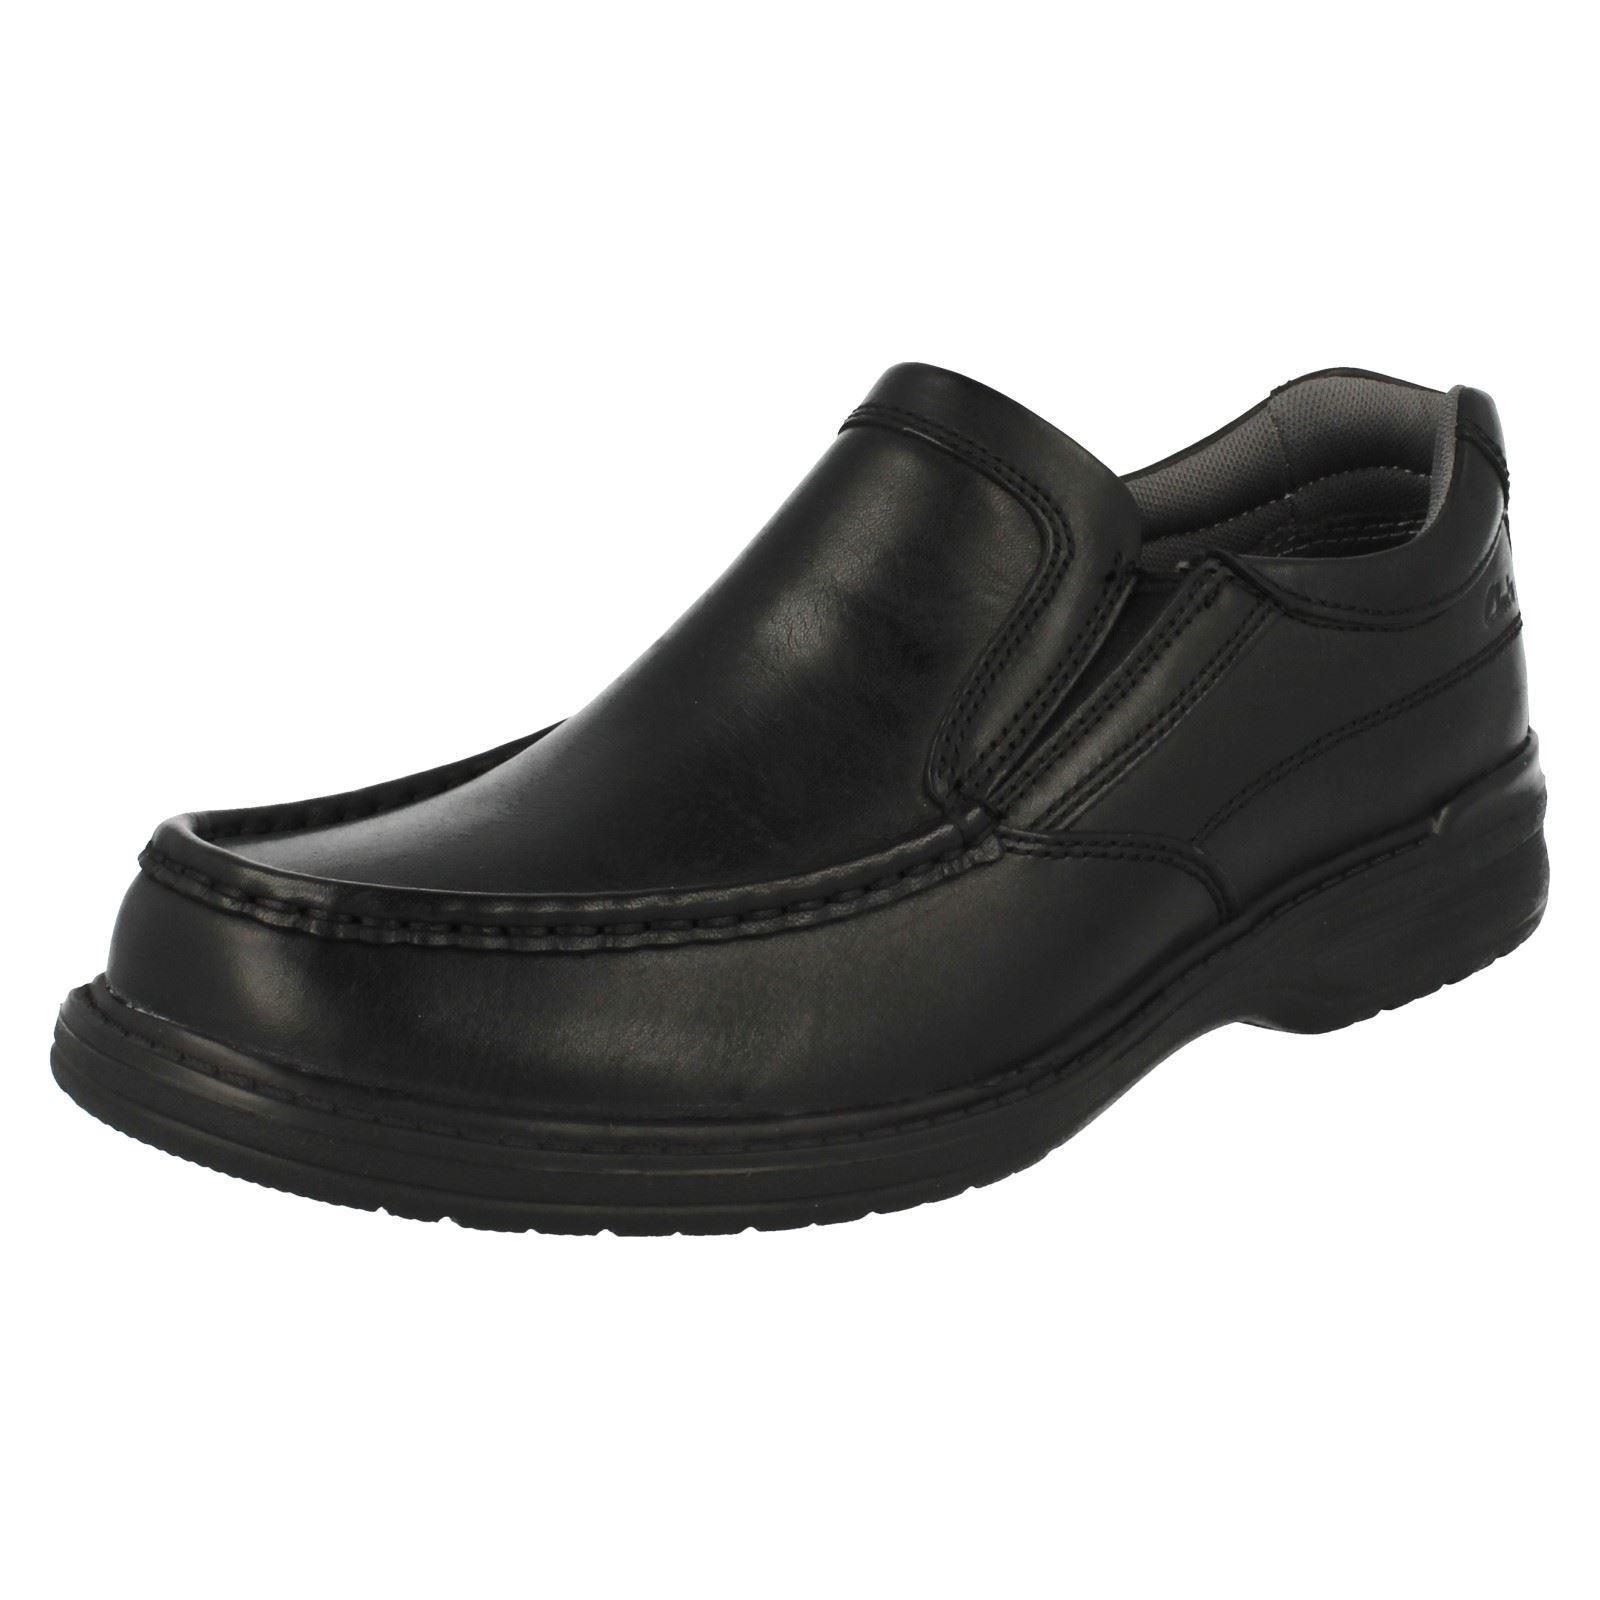 Keeler  Herren Clarks Keeler  Step Slip On Schuhes 807383